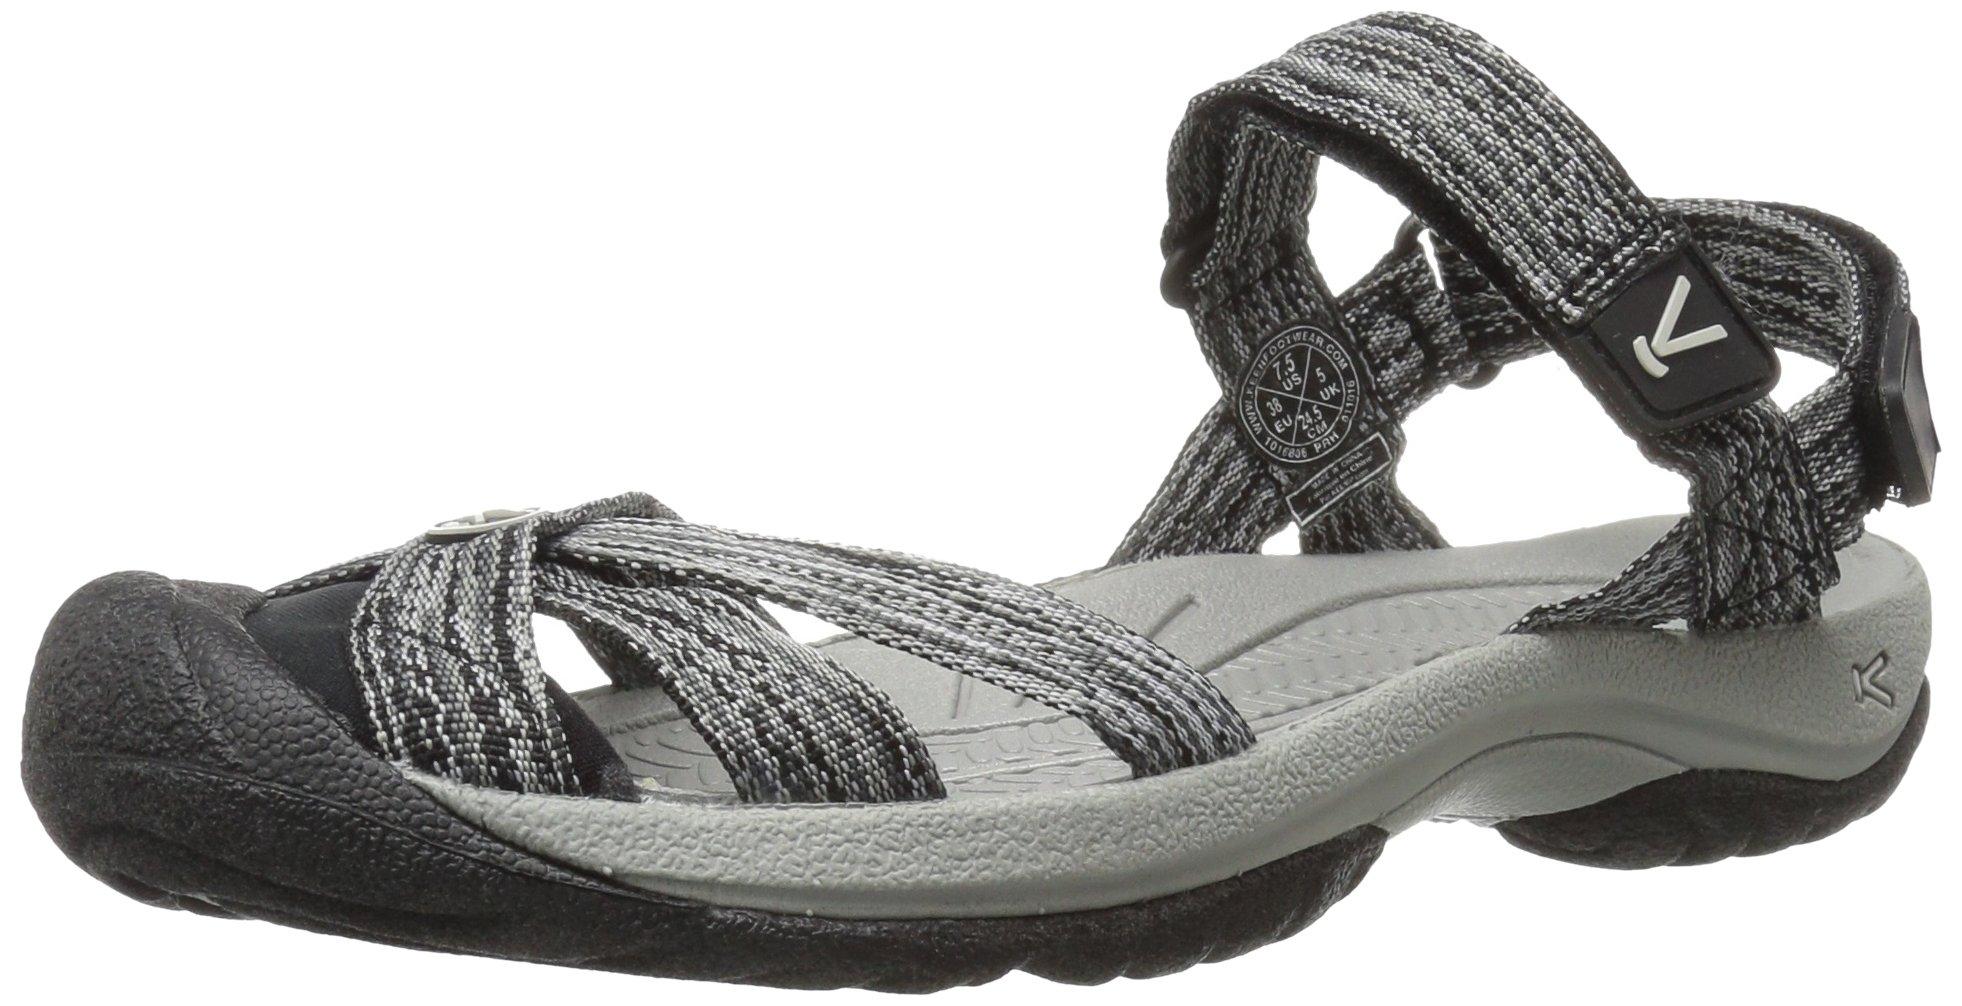 KEEN Women's Bali Strap Sandal, Neutral Gray/Black, 5 M US